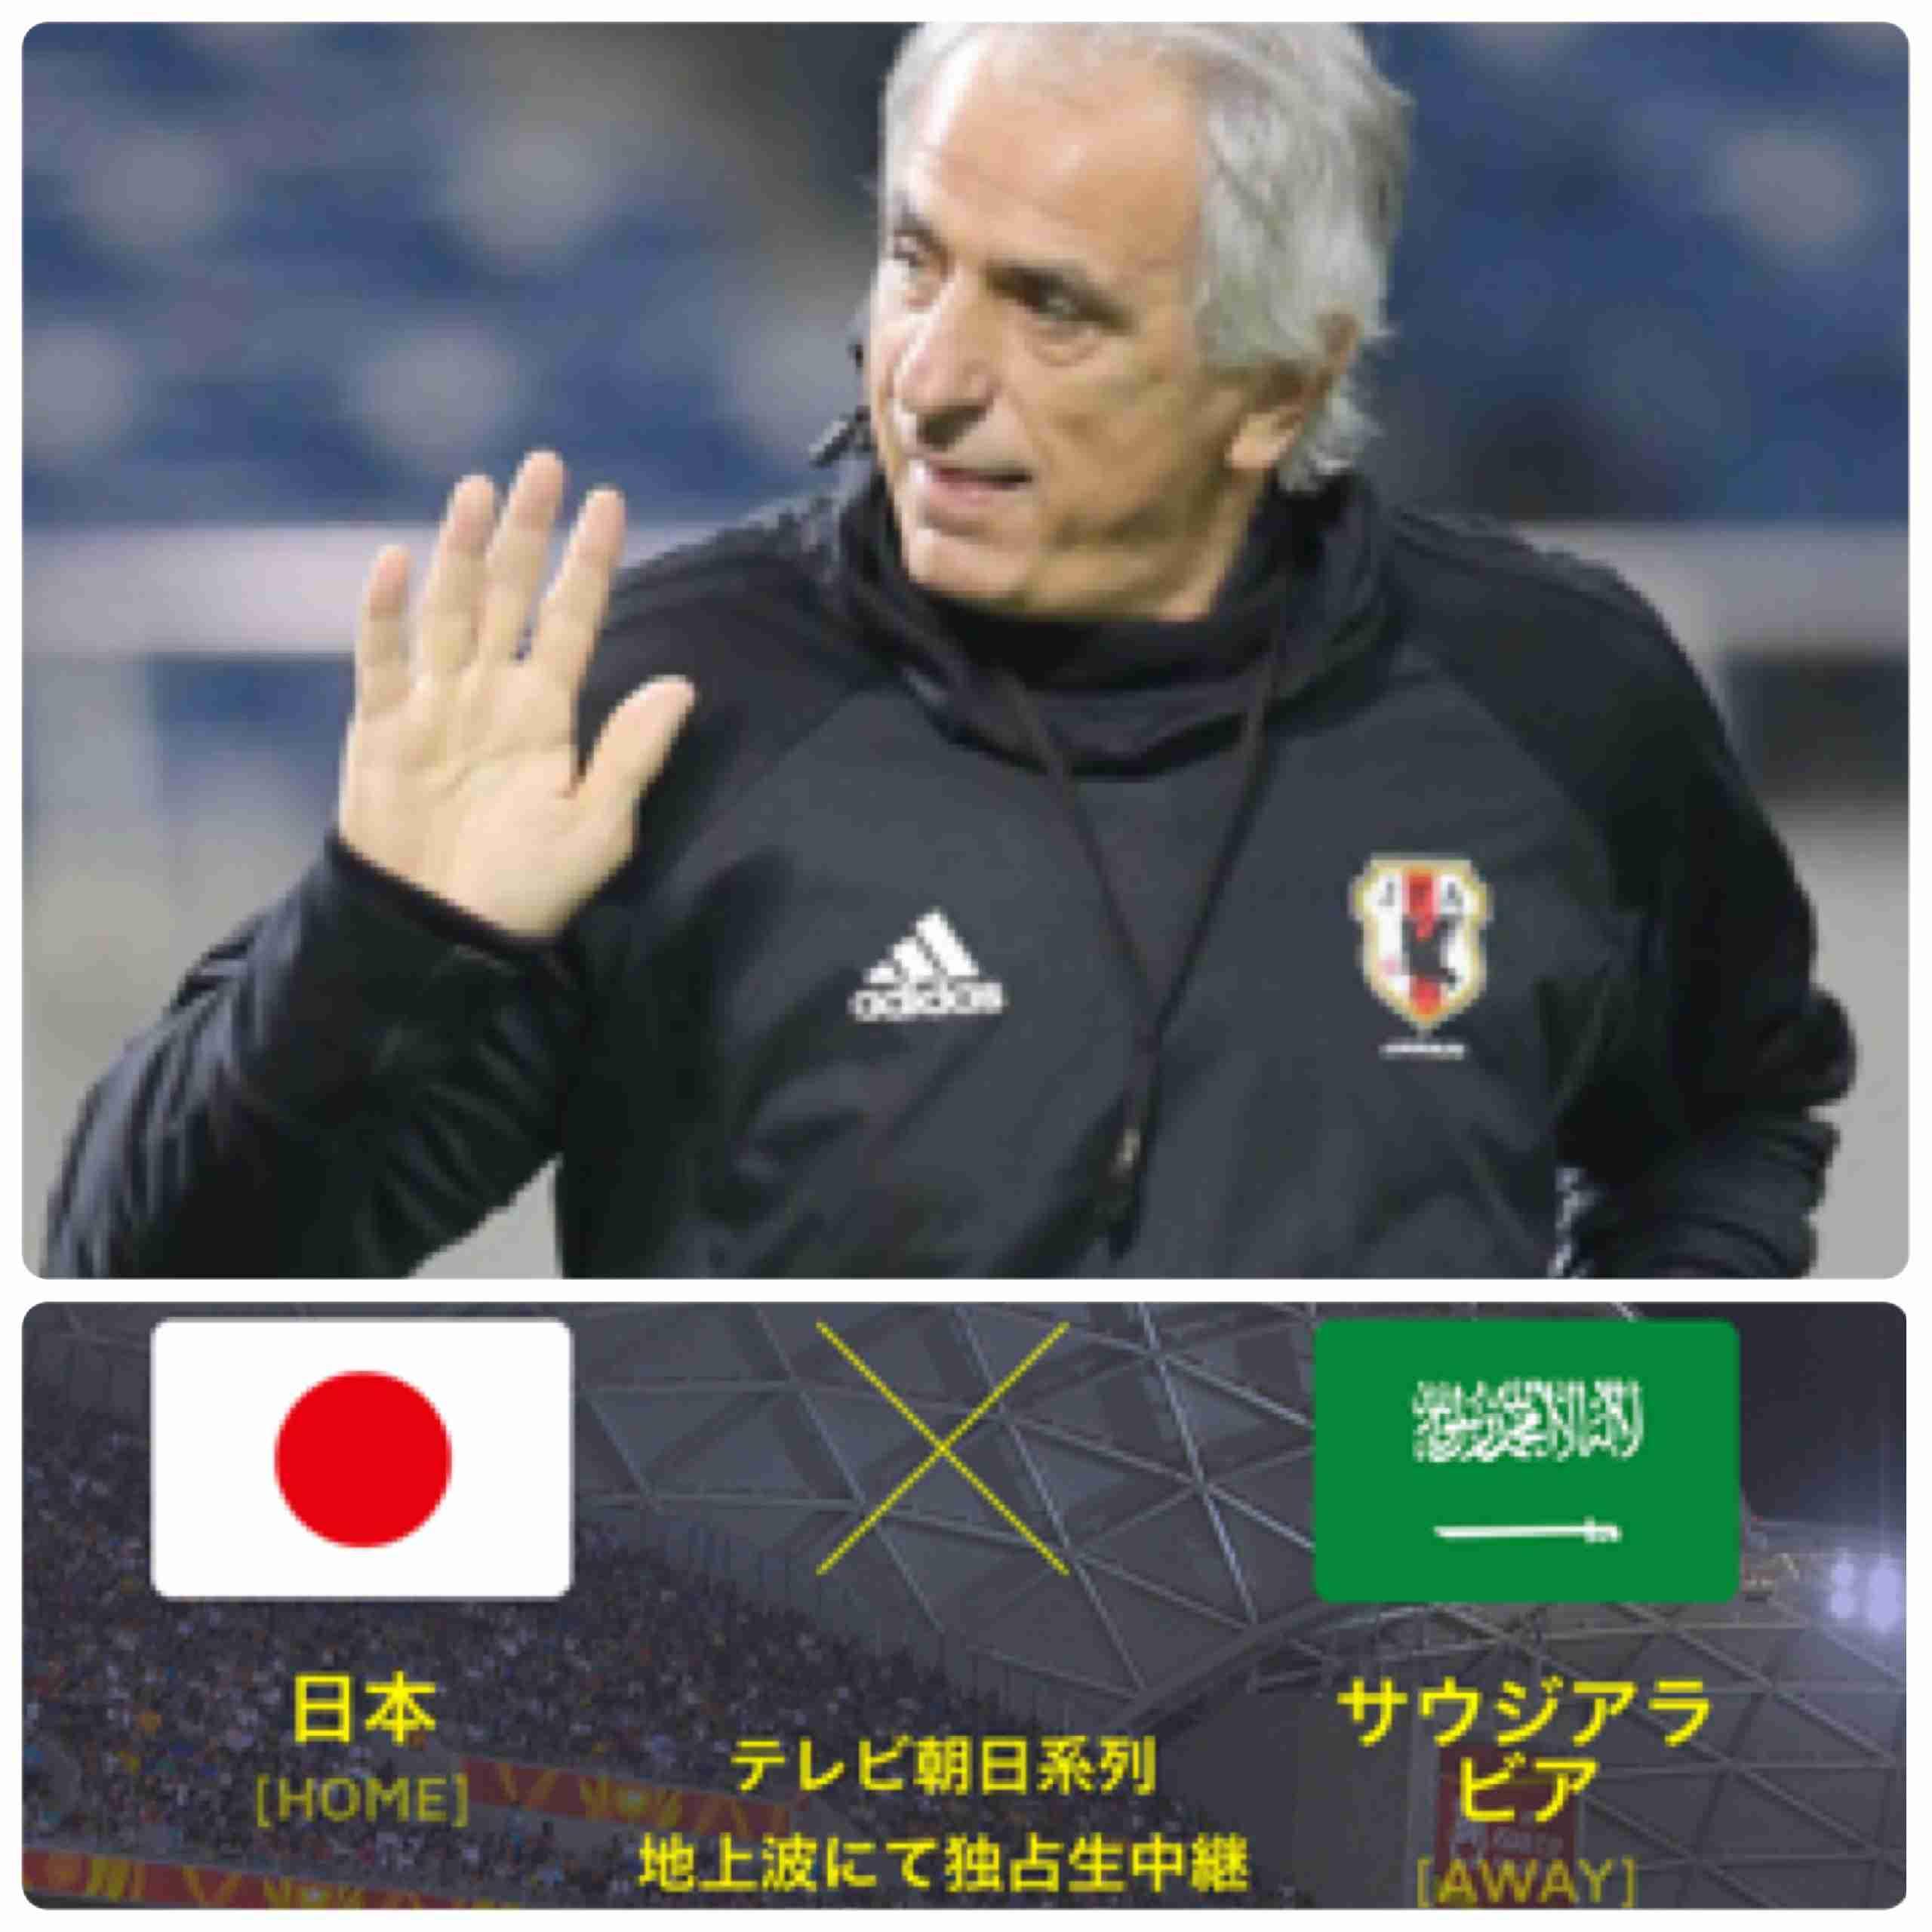 【実況・感想】  2018FIFAサッカーW杯ロシア アジア最終予選  日本VSサウジアラビア